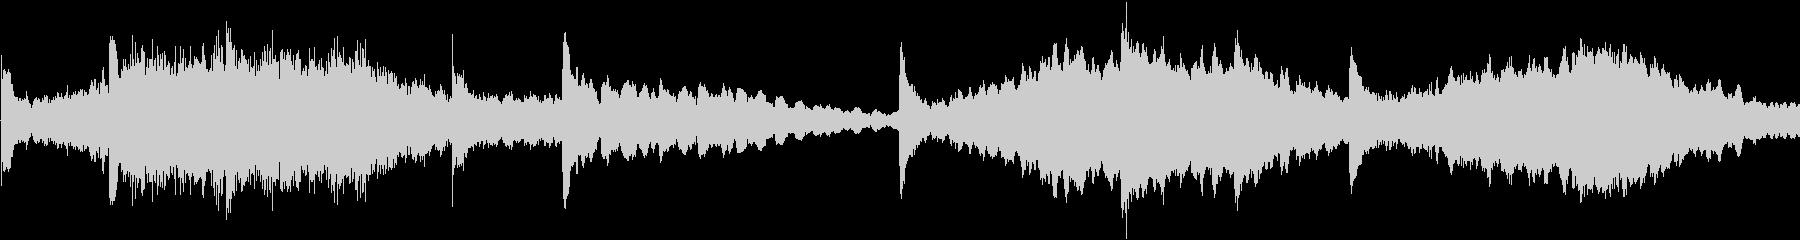 テクノを強く意識した楽曲です。繰り返し…の未再生の波形